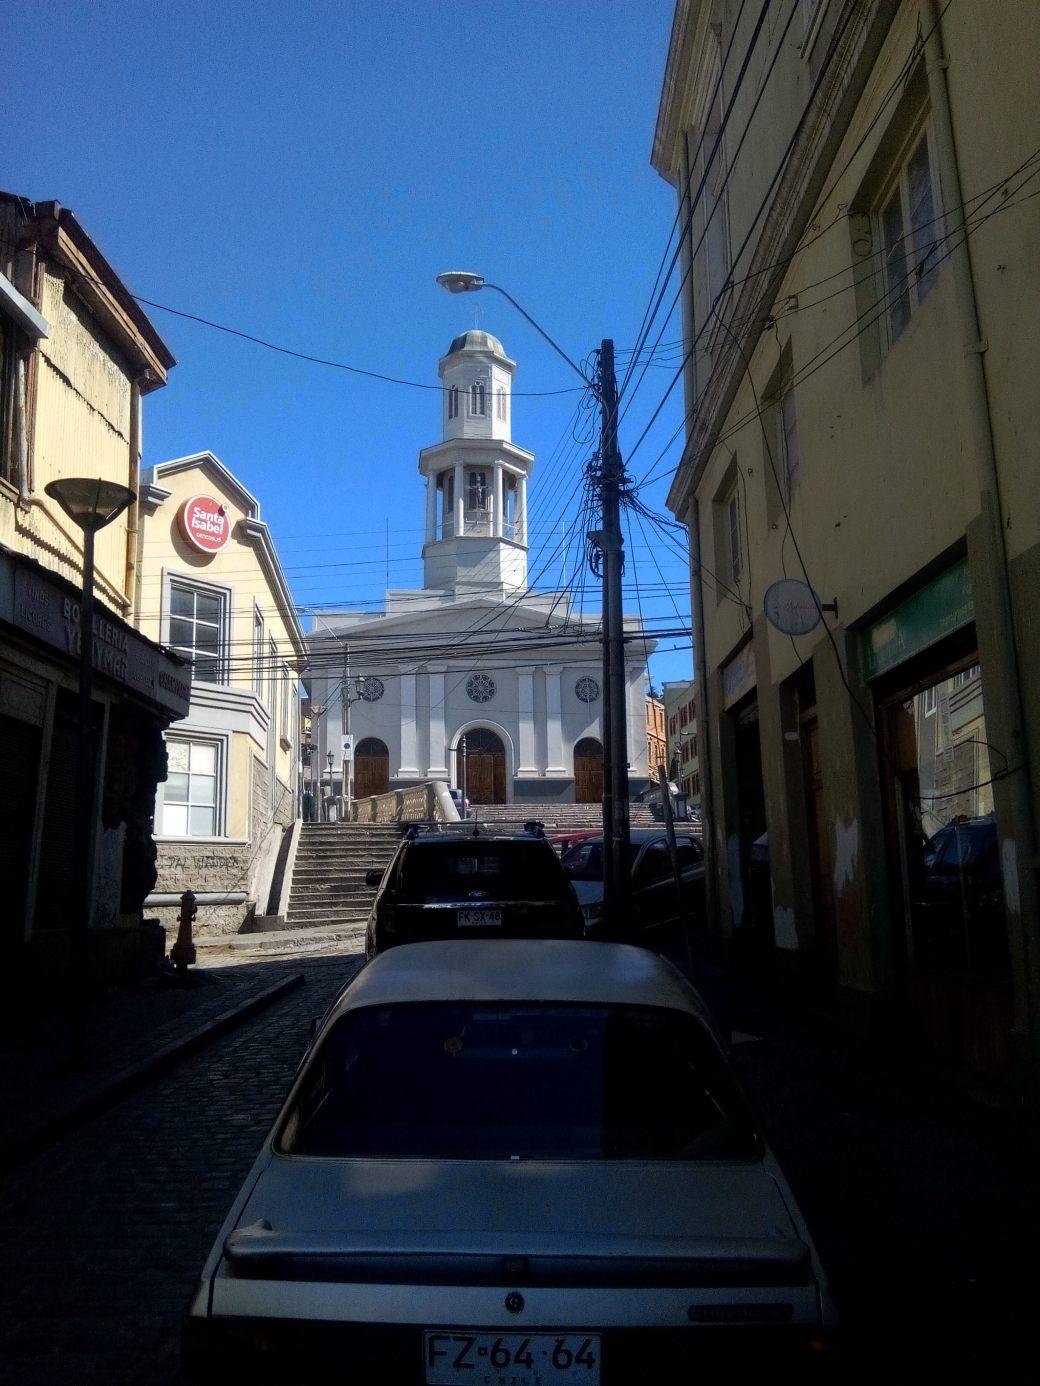 Eglise Valparaiso barrio puerto